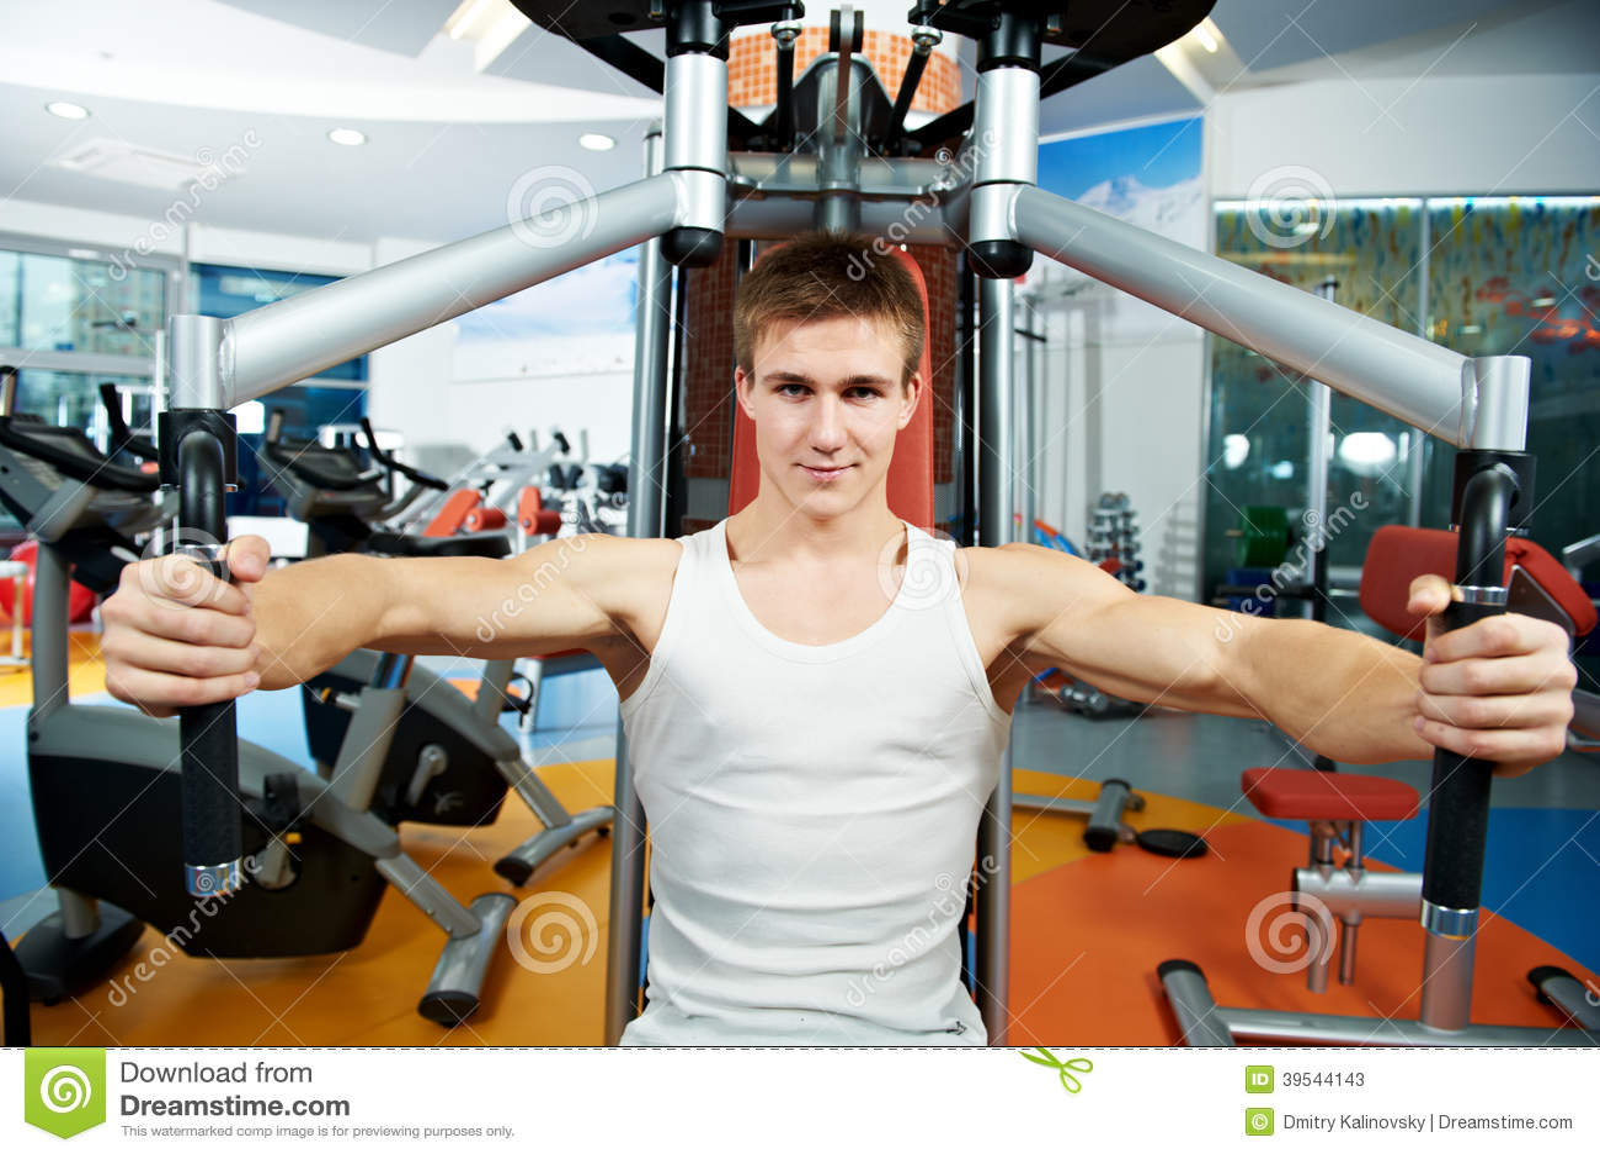 pectoral exercise machine